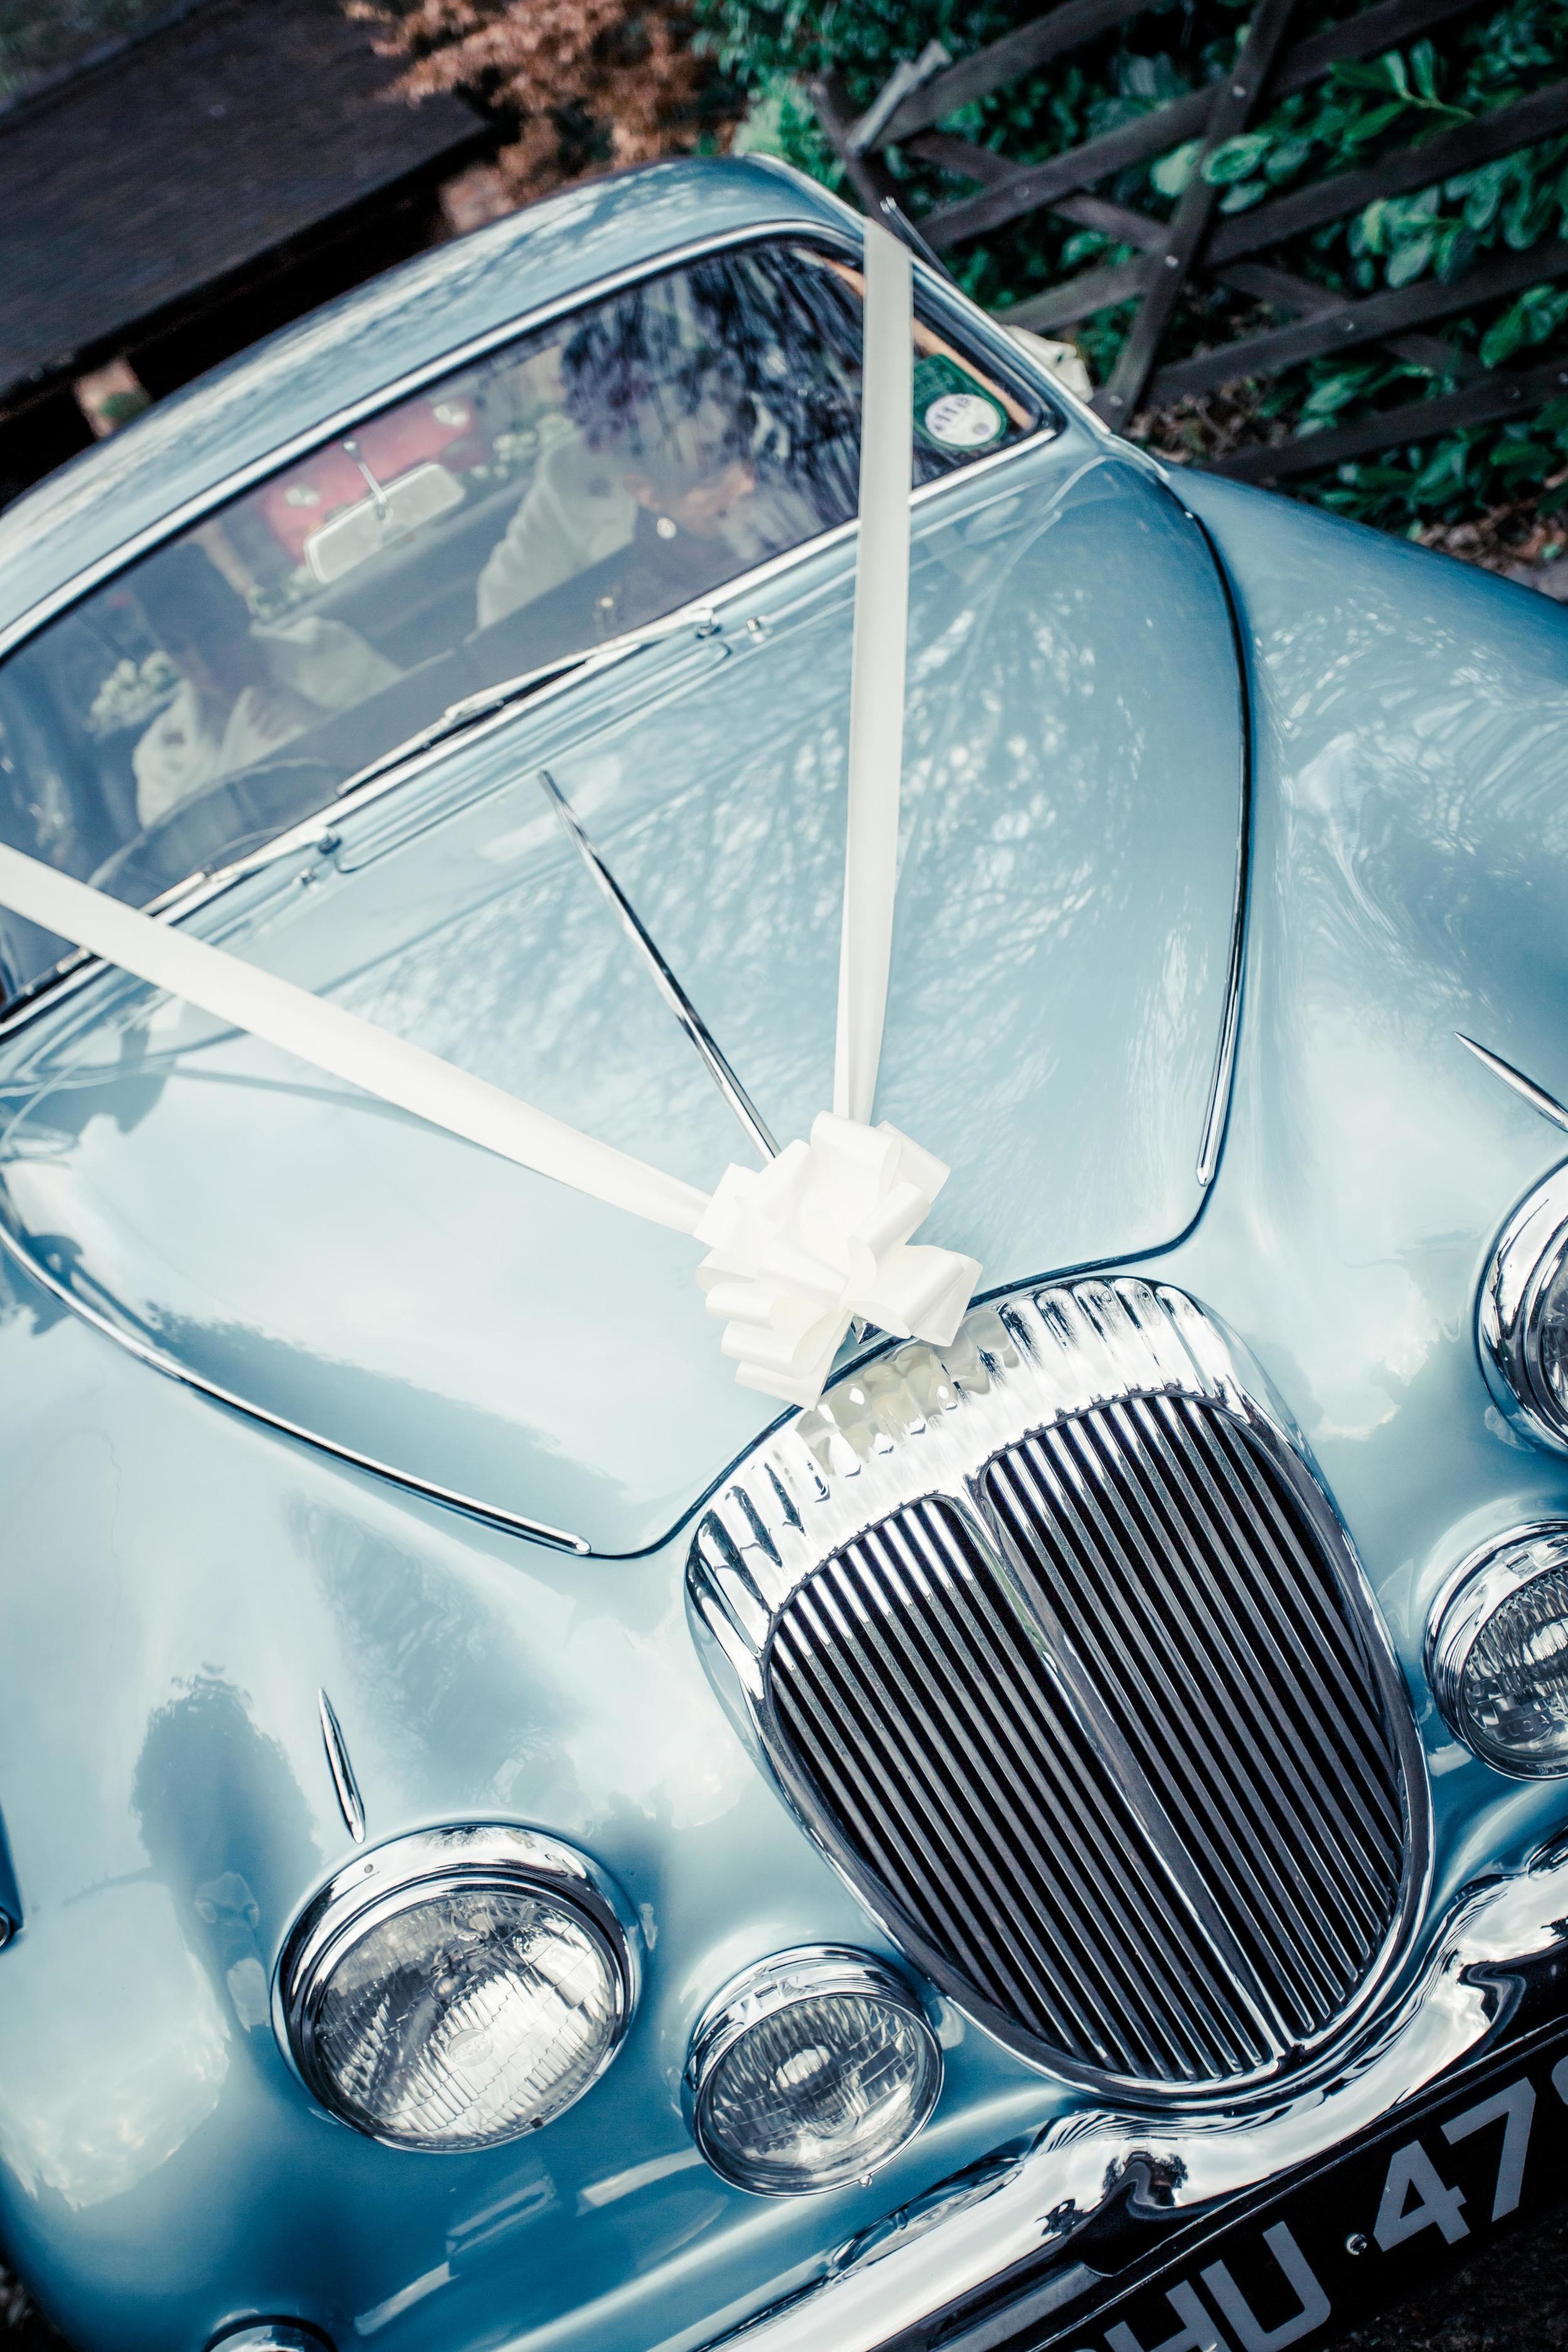 041 - Angela and Karls Wedding by www.markpugh.com -6608.jpg